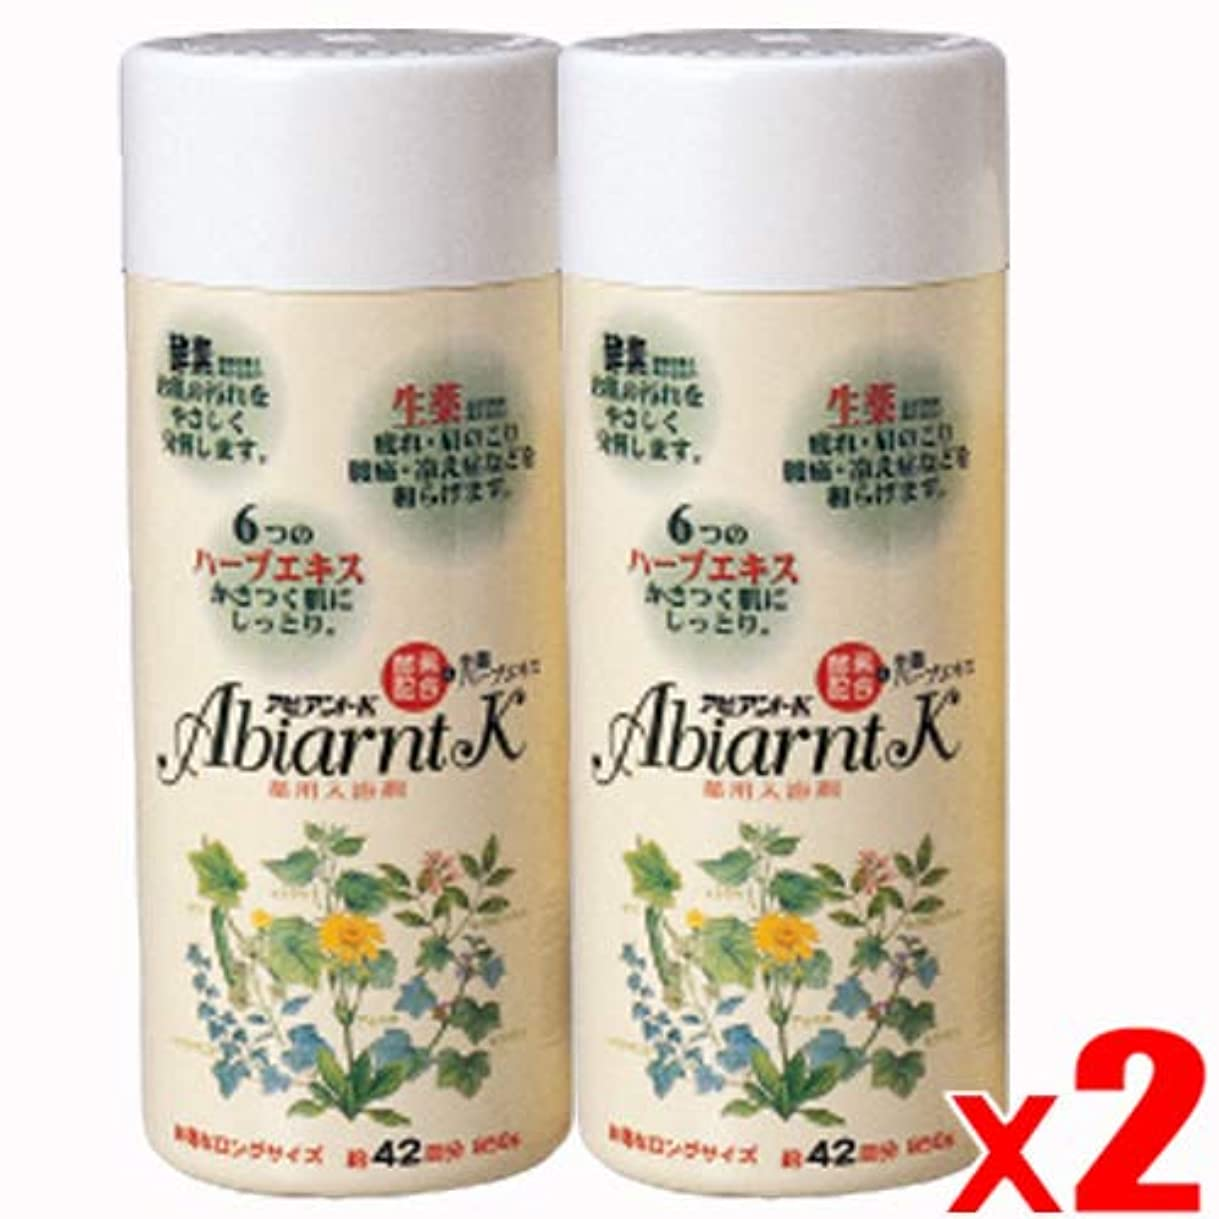 料理をする急降下ロック解除【2本】アビアントK 薬用入浴剤 850gx2本 (4987235024123-2)